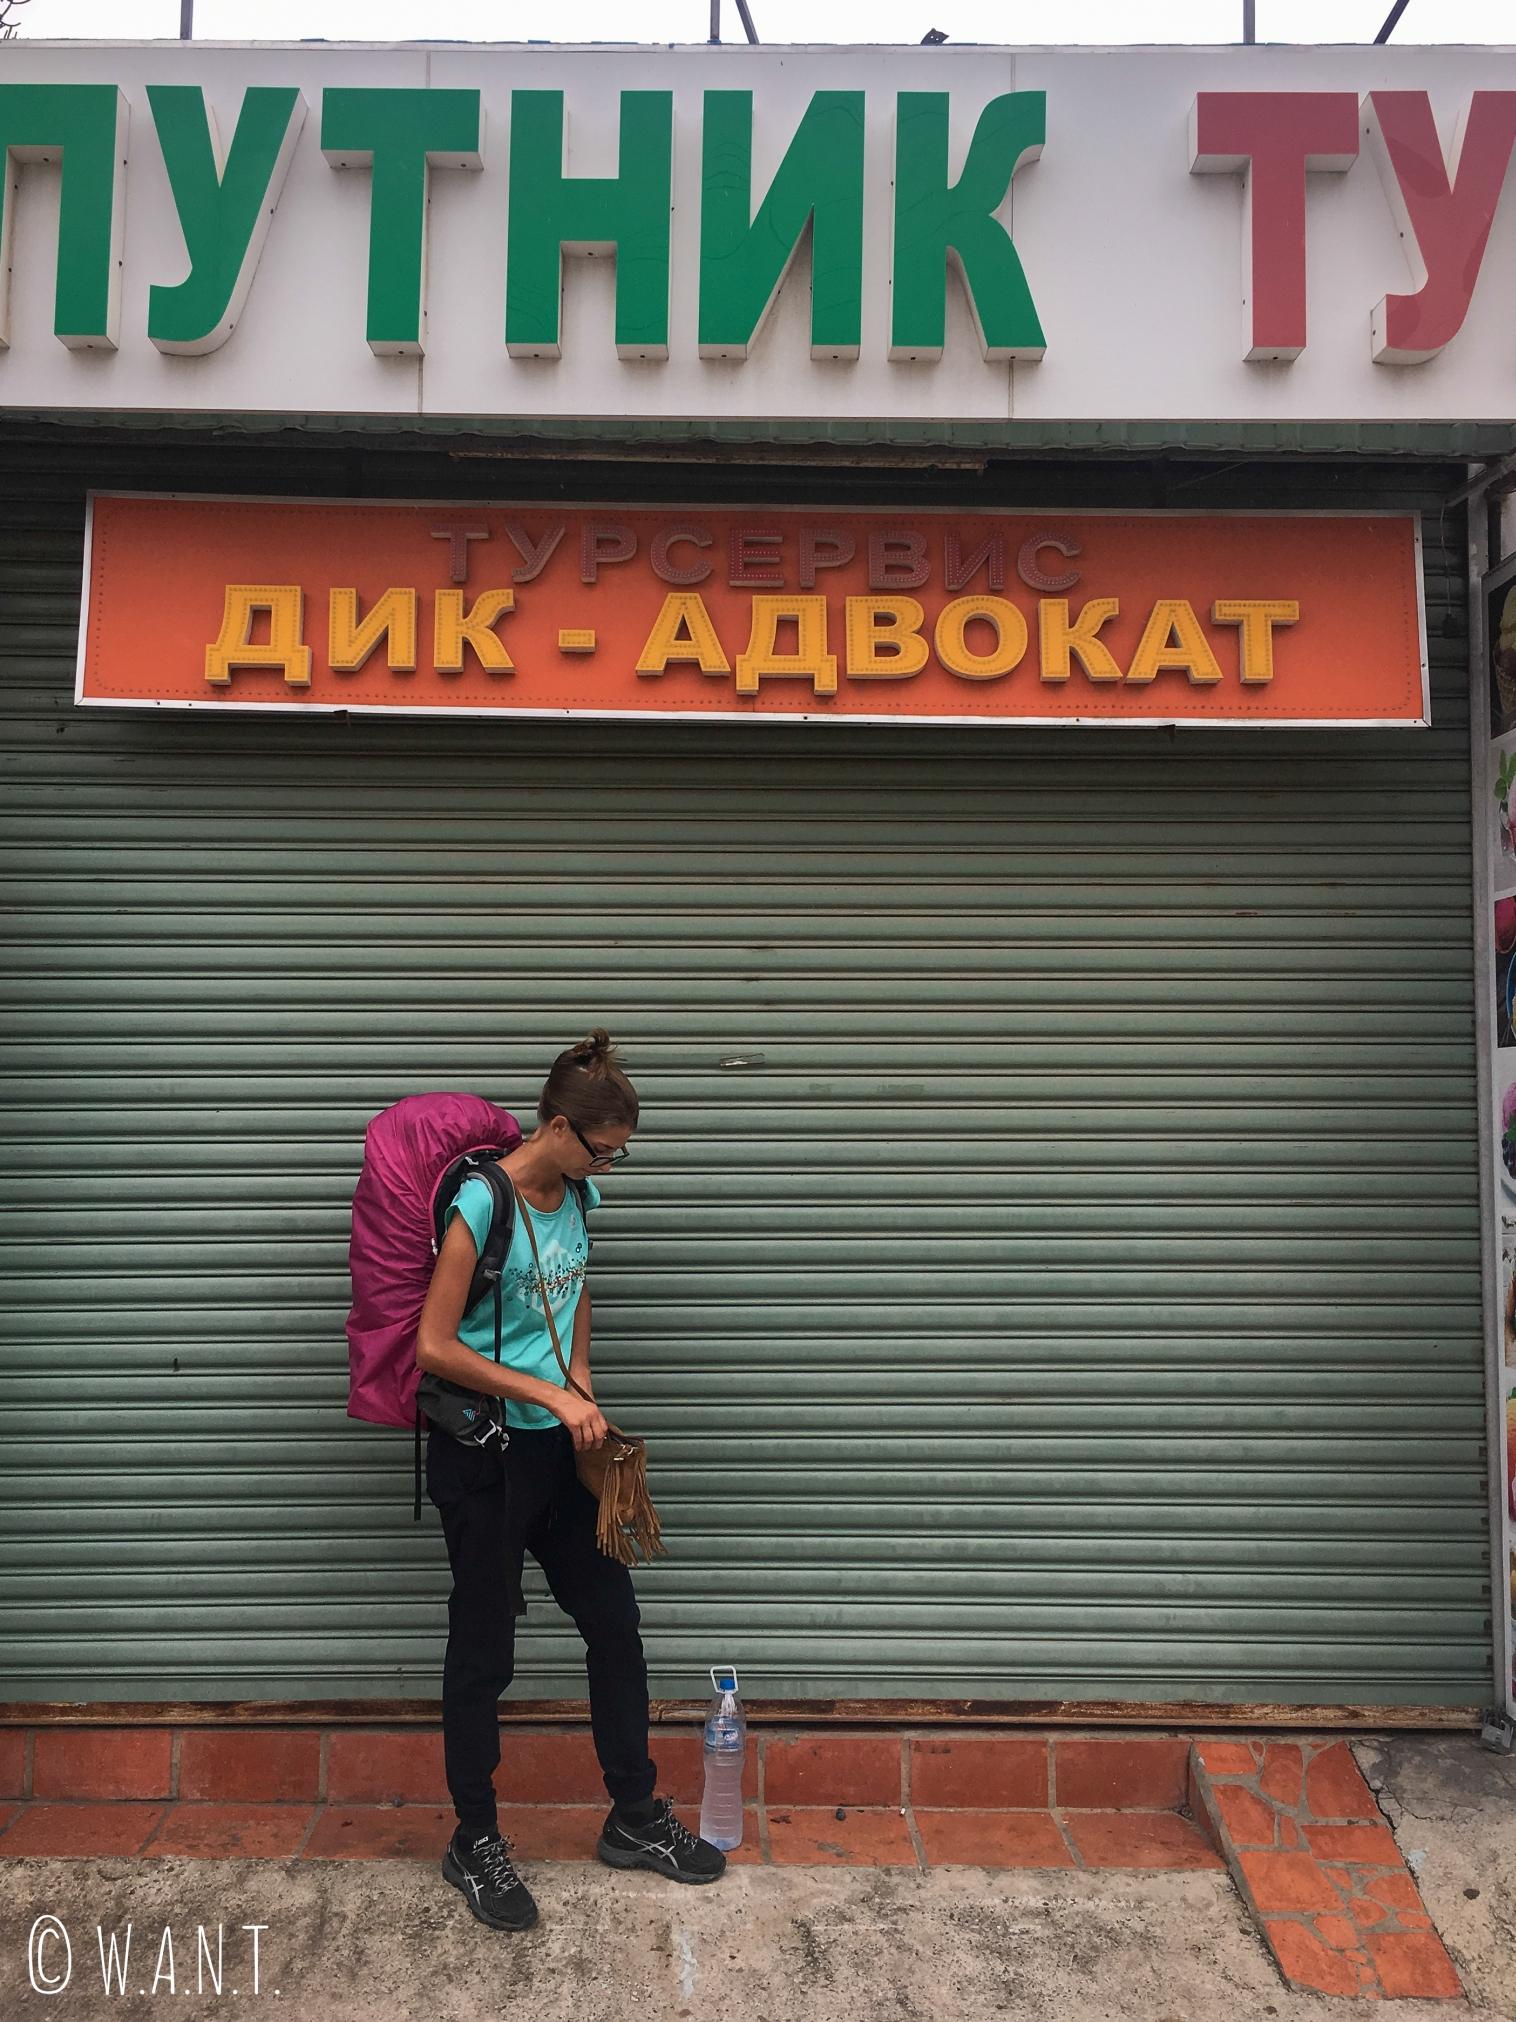 Mui Ne est tellement fréquentée par les russes que les enseignes sont en cyrillique